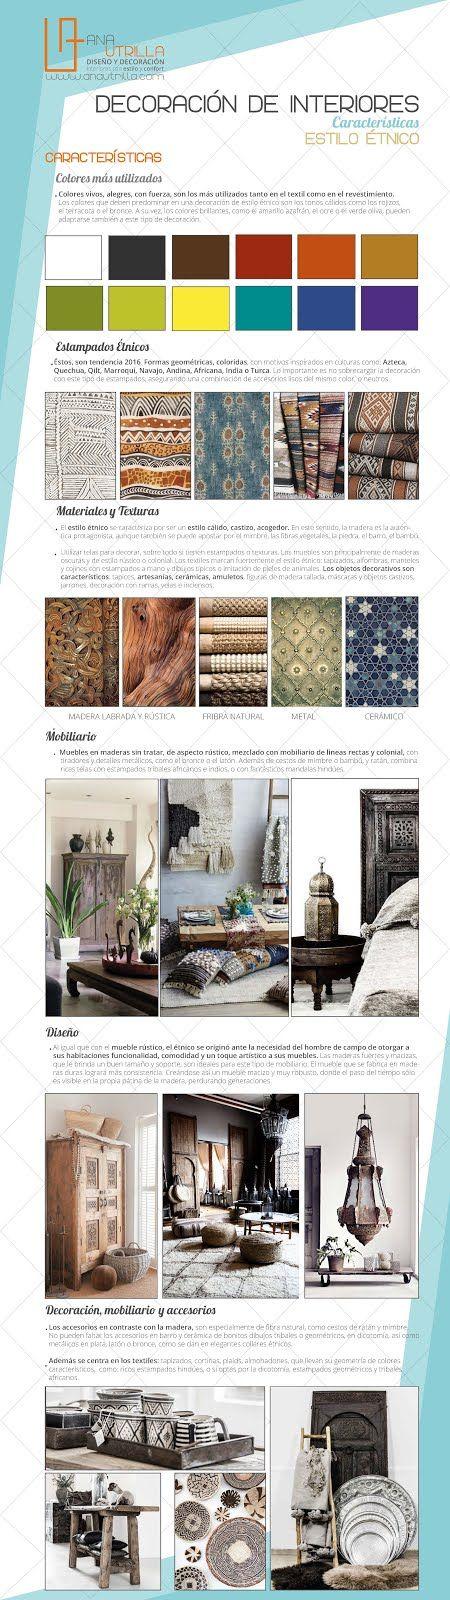 Infografía de las características básicas para conocer el estilo étnico en decoración por Ana Utrilla www.anautrilla.com